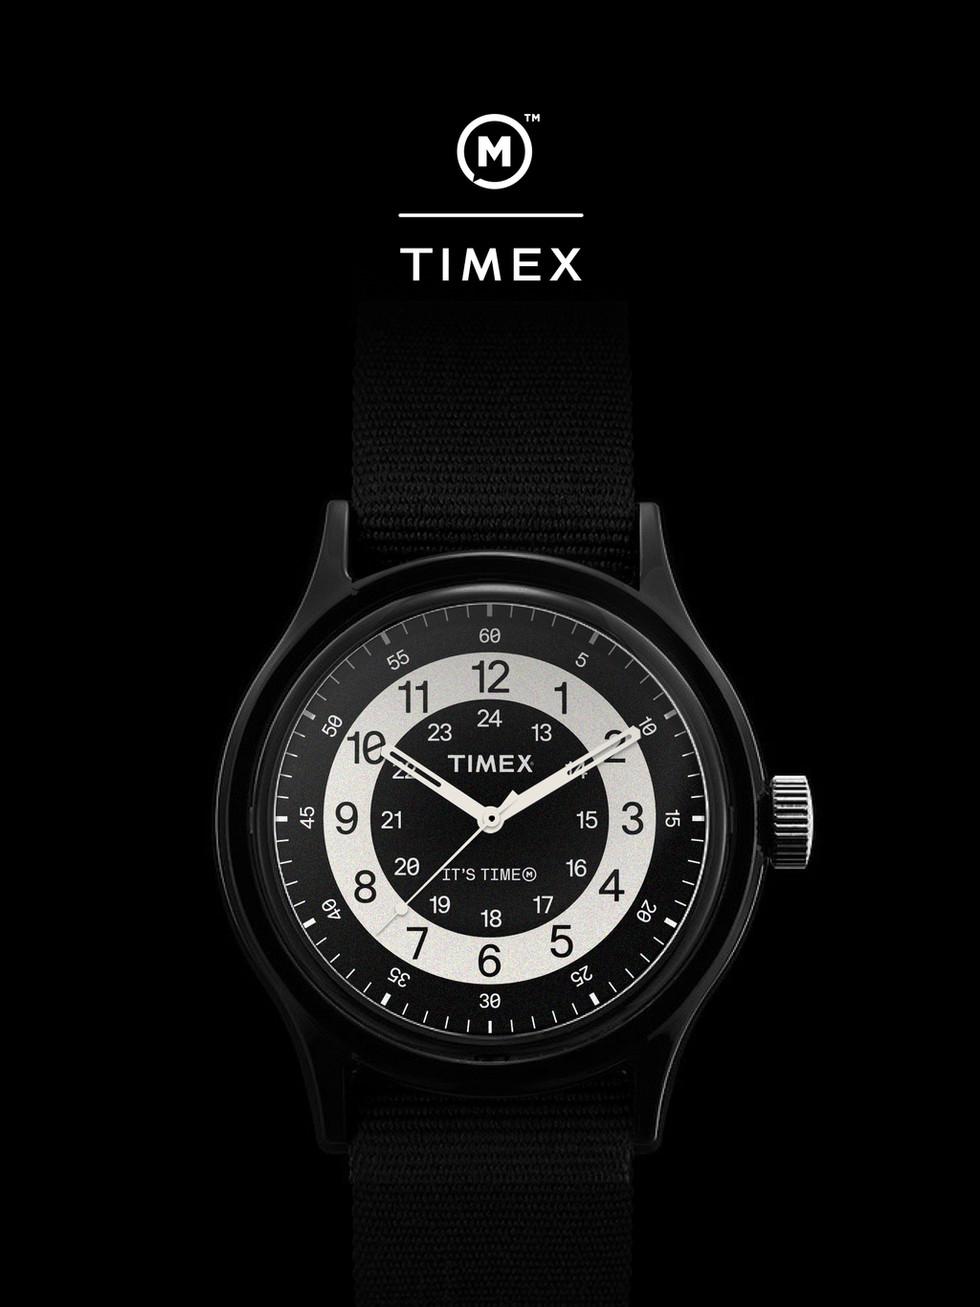 TIMEX WEBSITE MAKNA COVER.jpg